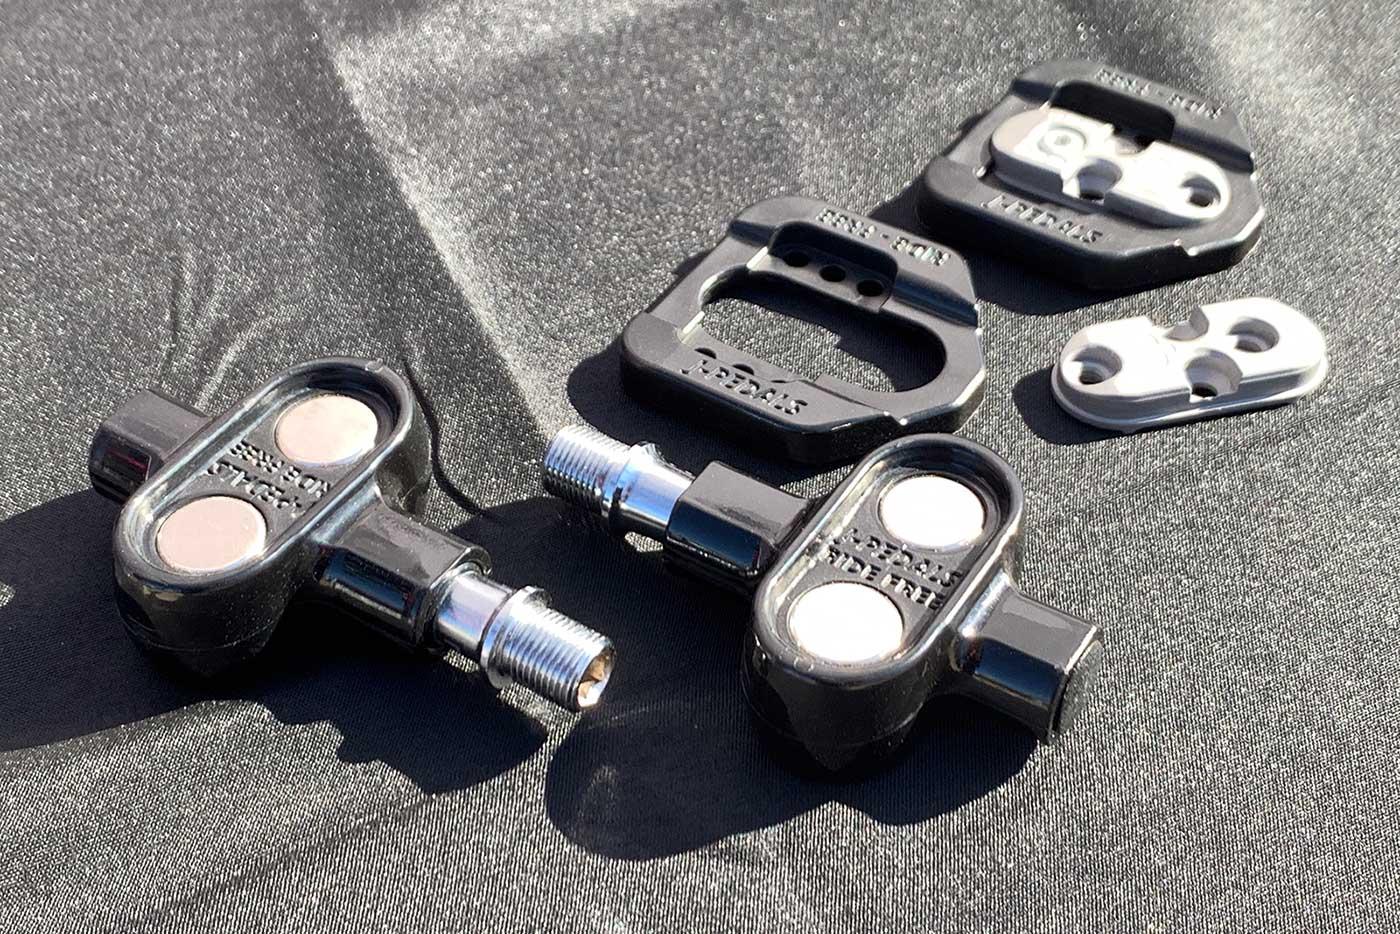 דוושות j-pedals דוושות מגנטיות ללא קליפ לאופני כביש ואופני הרים